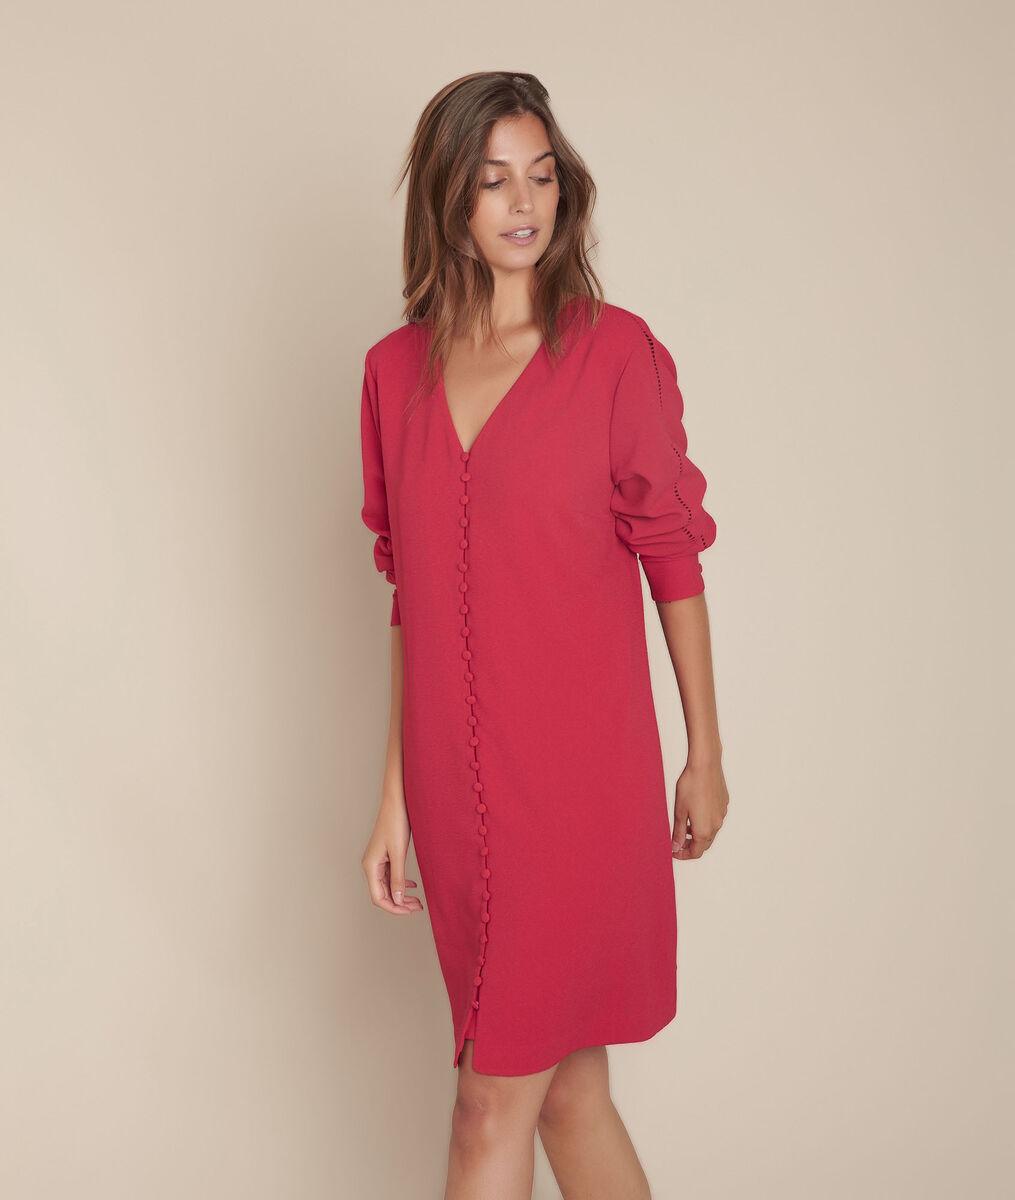 rotes kleid mit bezogenen knöpfen isaure